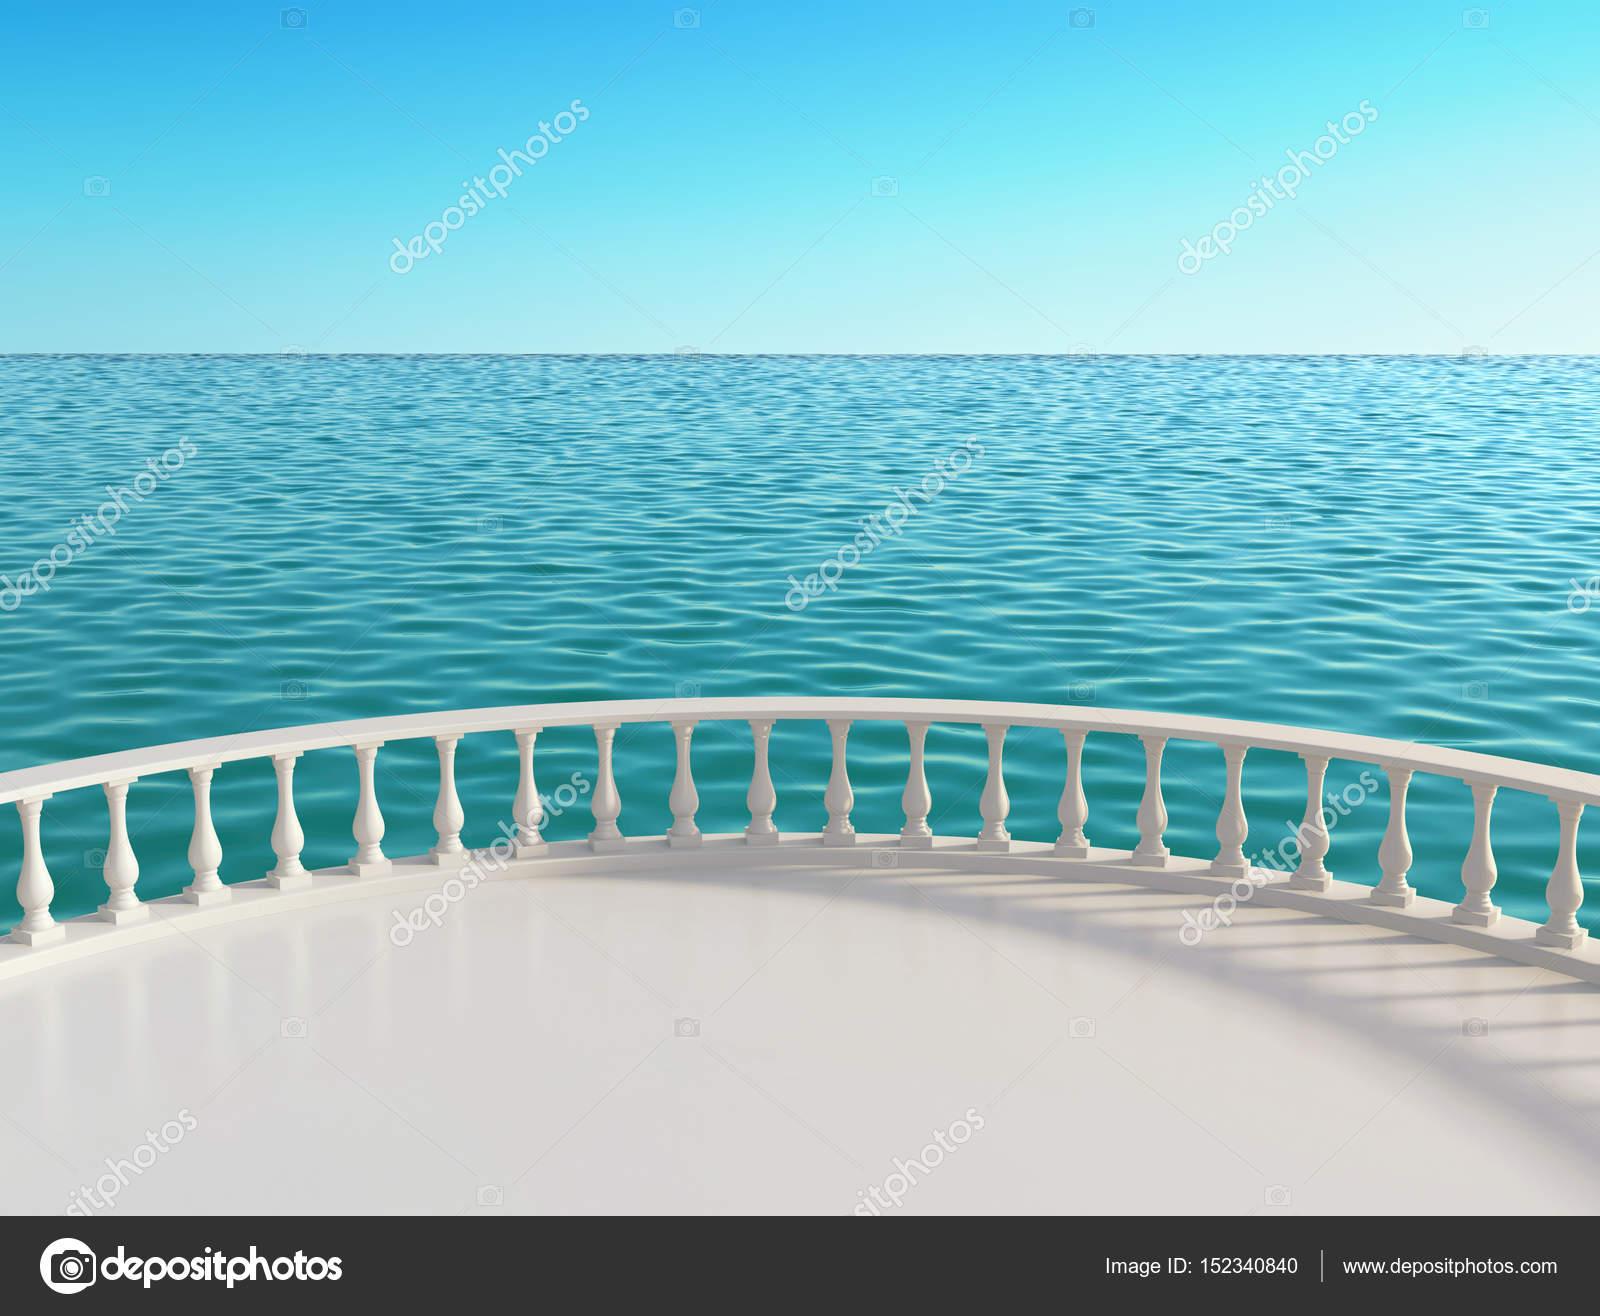 Terrazza vista mare presso l\'hotel — Foto Stock © ptasha #152340840